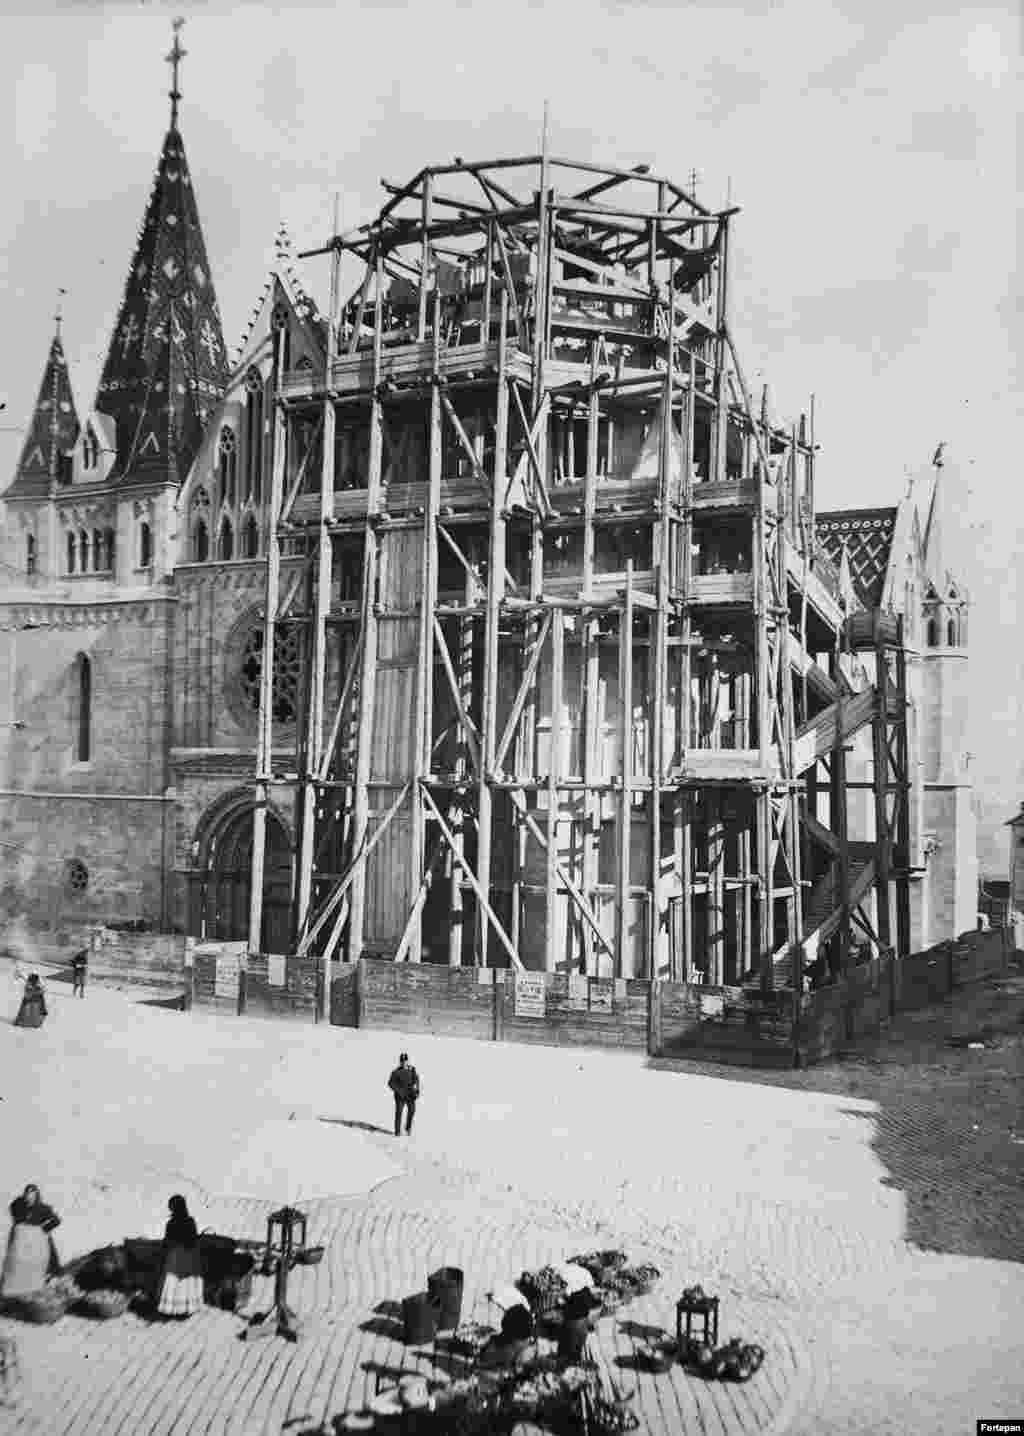 1893 год, церковь Матьяша, расположенная недалеко от Будайского замка, во время реконструкции. Здание было построено в XIV веке, но перестраивалось на протяжении более чем двух десятилетий в конце XIX века. В ходе реконструкции фасад церкви украсили декоративными элементами, например, горгульями и узорчатой черепичной крышей